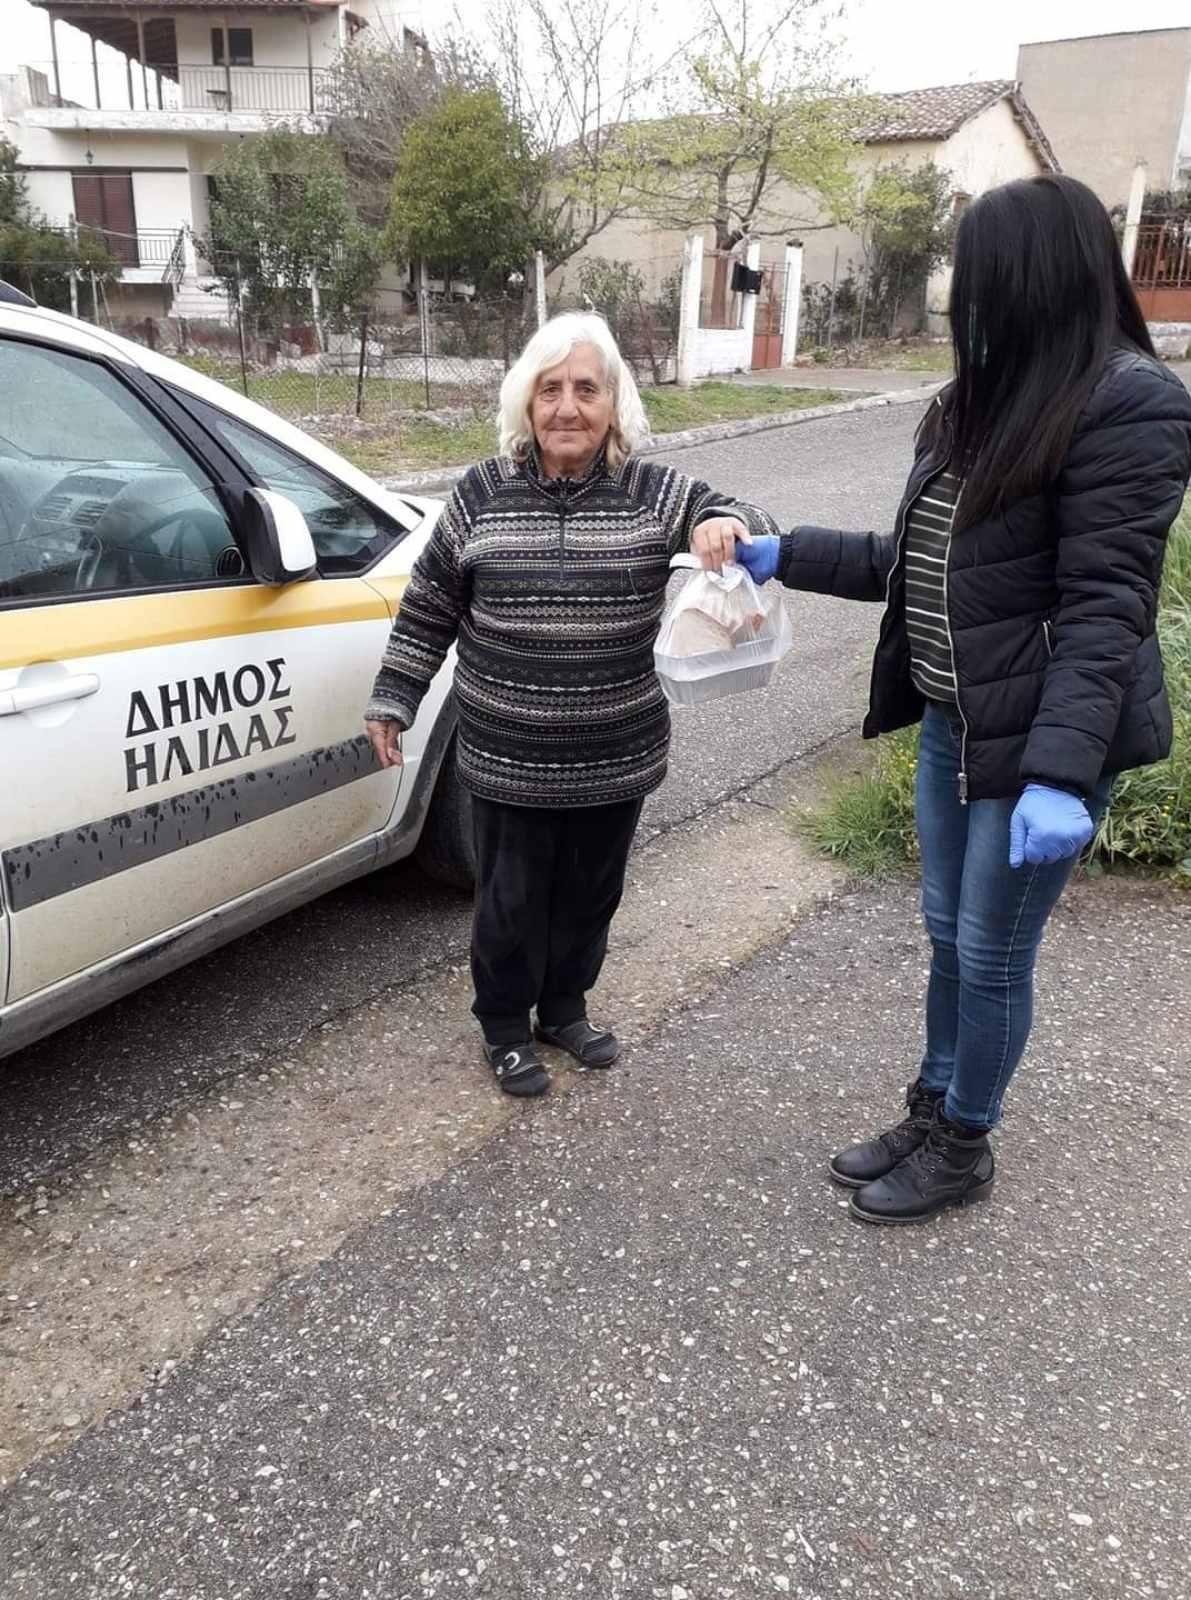 Δημοτική Κοινωφελής Επιχείρηση Δήμου Ήλιδας: Στήριξη σε όλες τις ευπαθείς ομάδες- Συσσίτια καθημερινά για περίπου 50 άτομα (photos)